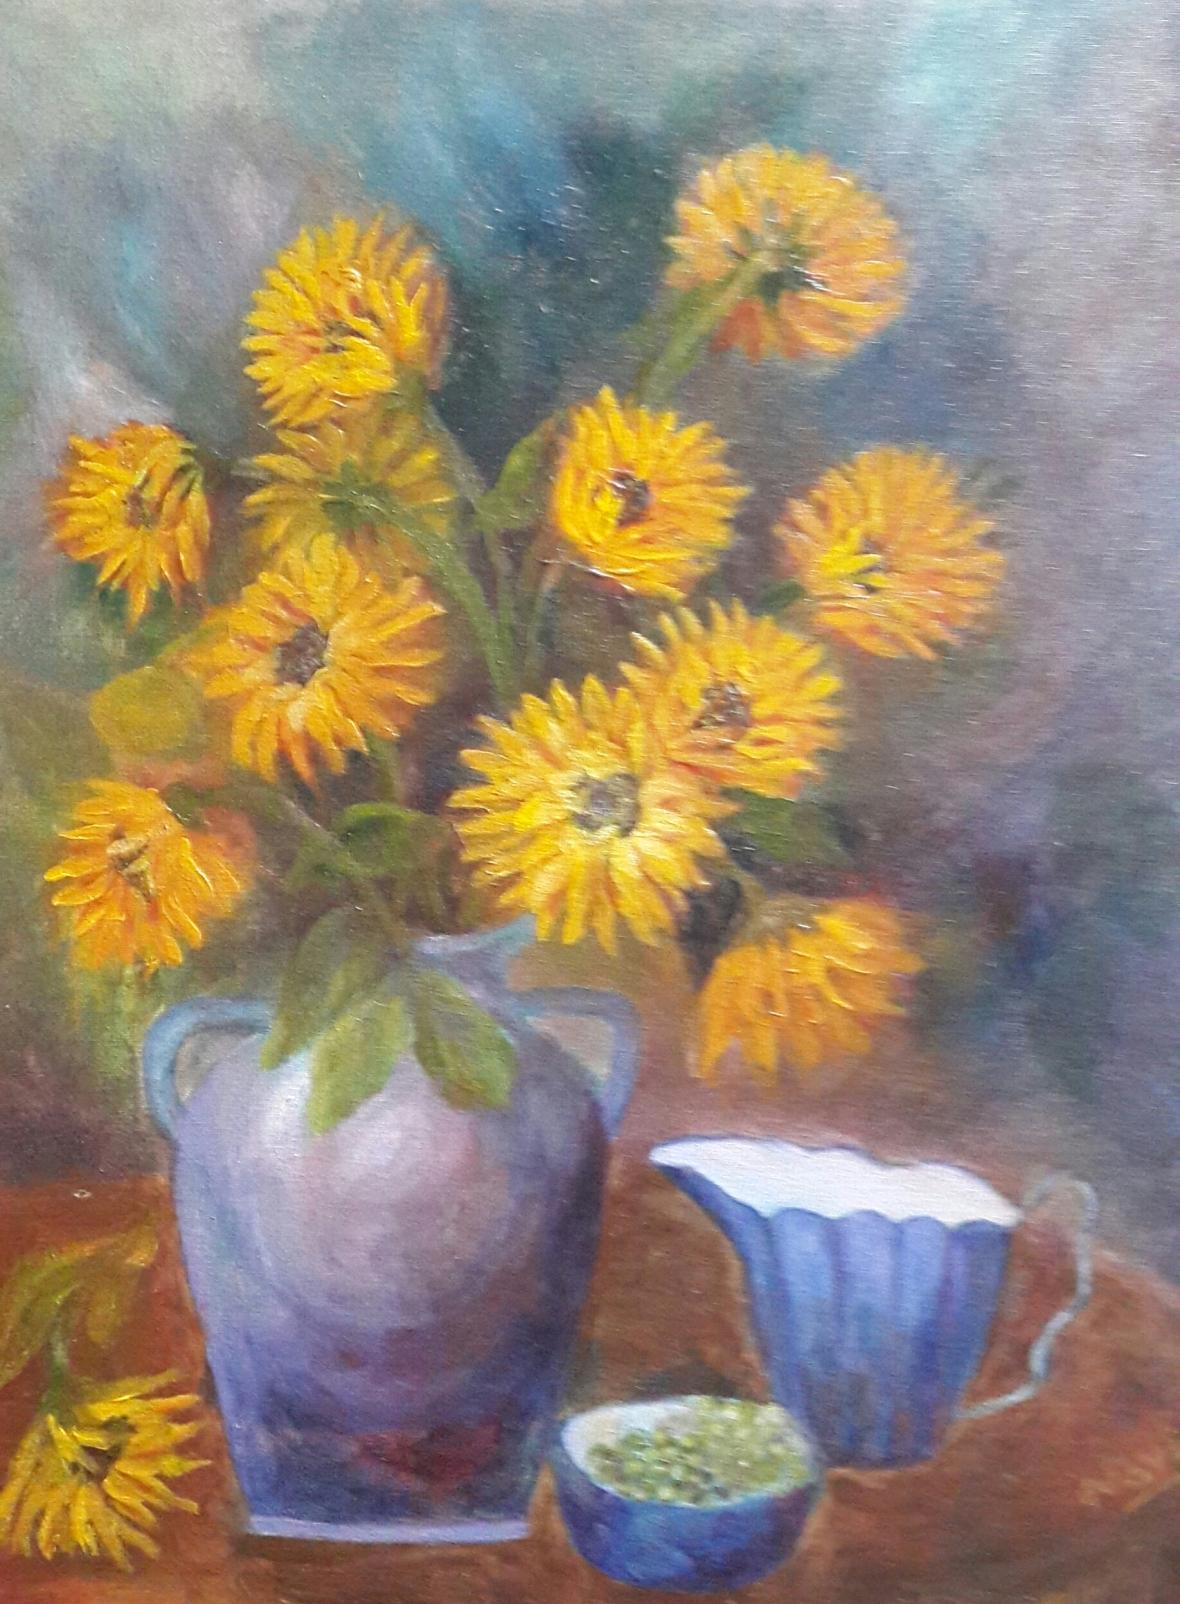 Sunflowers in a Blue Vase original oil painting by Navdeep Kular